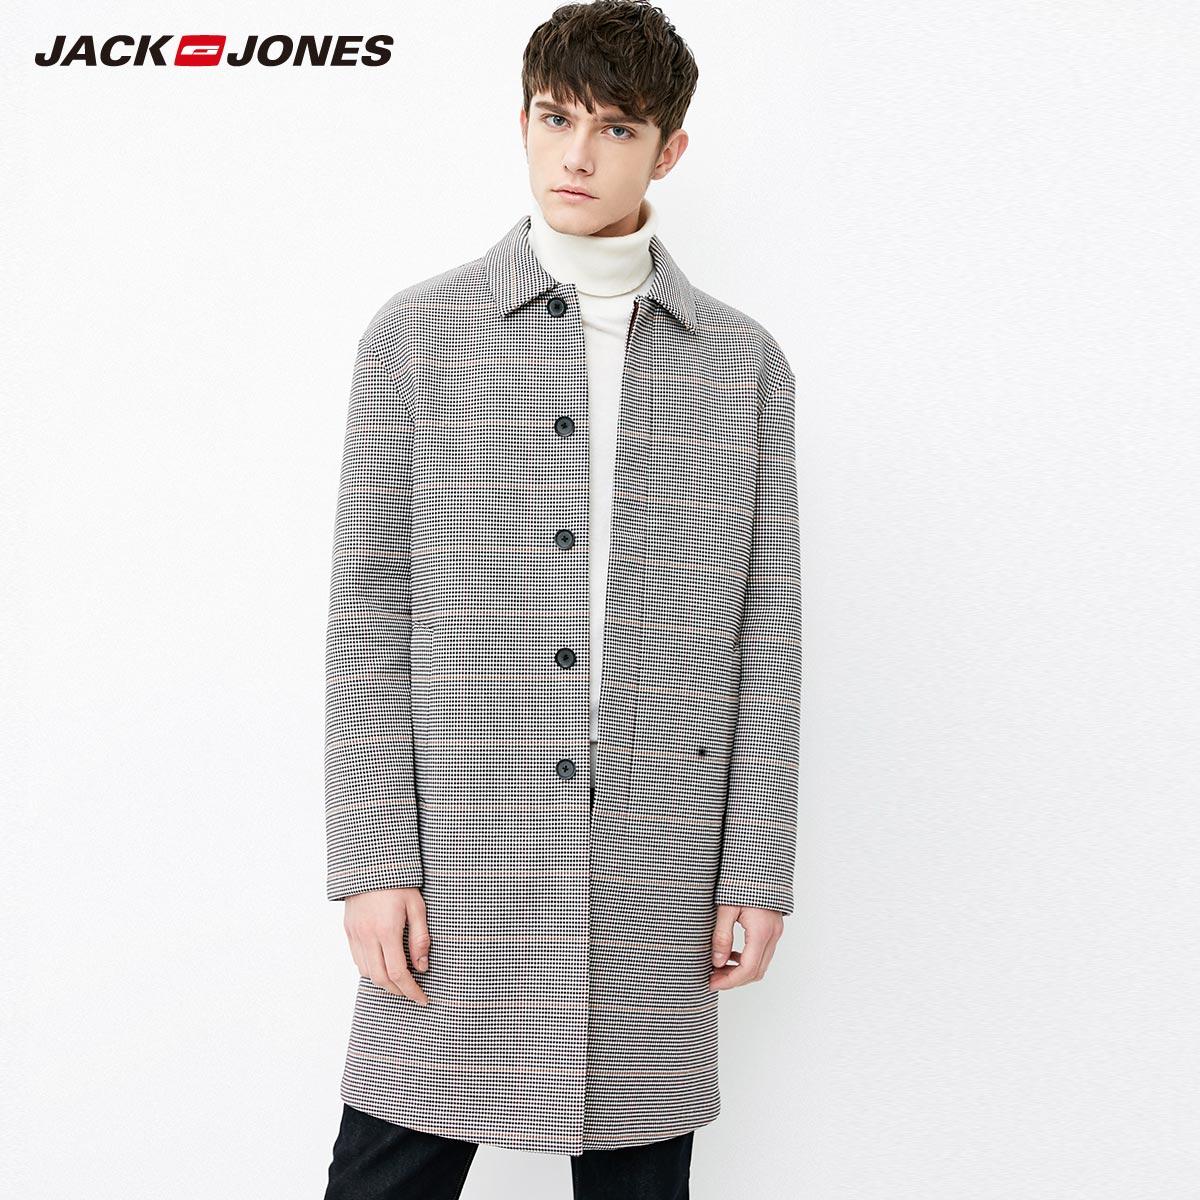 218121532 杰克琼斯男士春夏新装男中长款风衣外套 JackJones